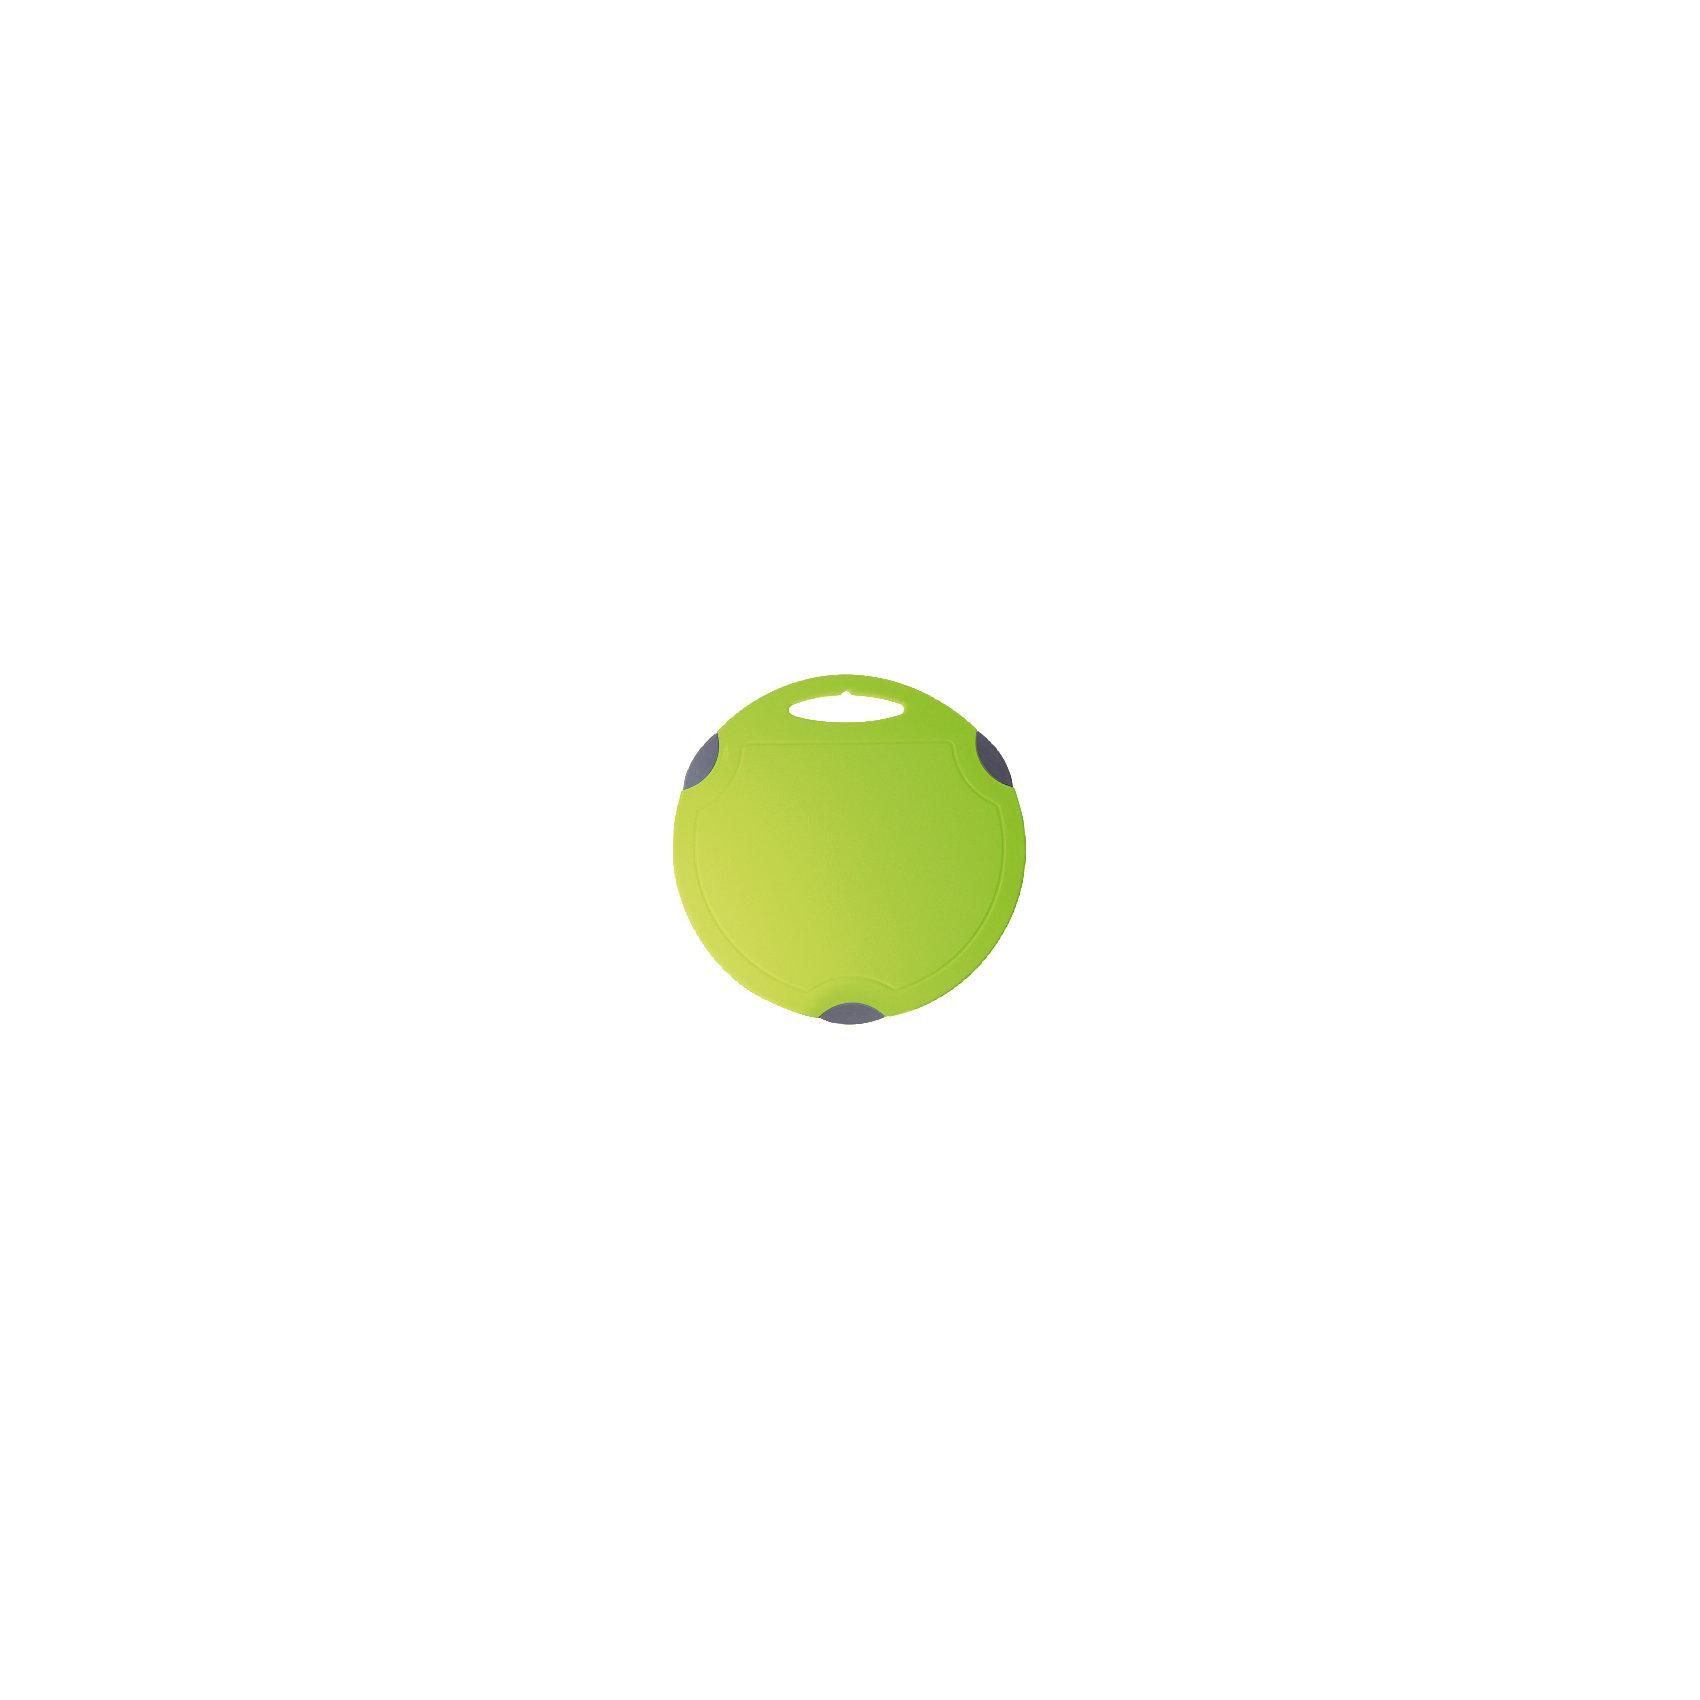 Доска разделочная Люкс круглая малая, Plastic CentreПосуда<br>Прочная разделочная доска круглой формы может применяться для различных видов продуктов. Доска не впитывает запахи, устойчива к воздействию ножом, благодаря чему изделие более долговечно. На кухне рекомендовано иметь несколько досок для различных видов продуктов: мяса, рыбы, хлеба и овощей. Входит в линейку Люкс.<br><br>Ширина мм: 275<br>Глубина мм: 275<br>Высота мм: 7<br>Вес г: 353<br>Возраст от месяцев: 216<br>Возраст до месяцев: 1188<br>Пол: Унисекс<br>Возраст: Детский<br>SKU: 5545675